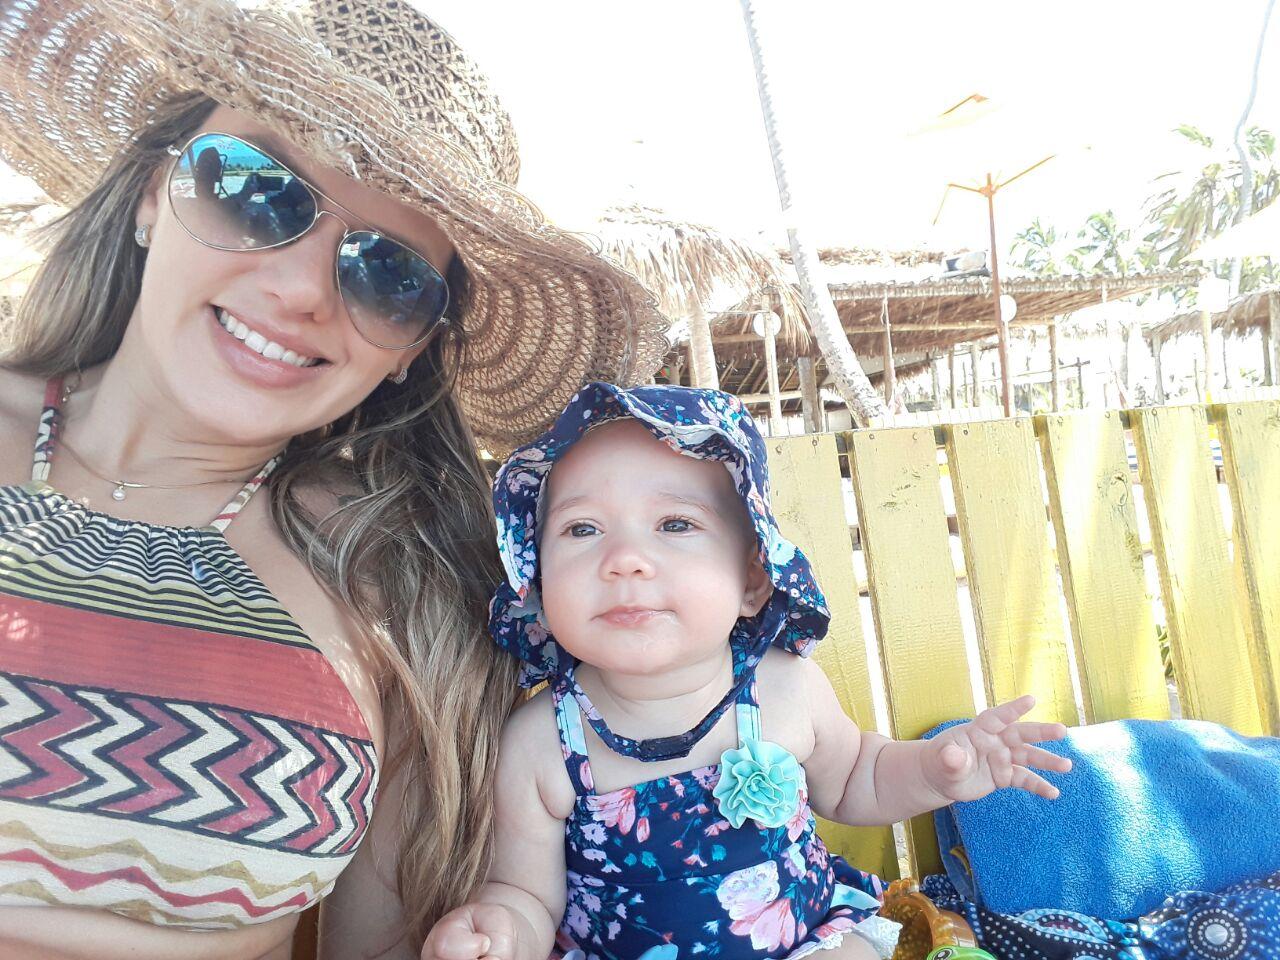 Ana Paula Araújo, mom of the 6-month old Alice